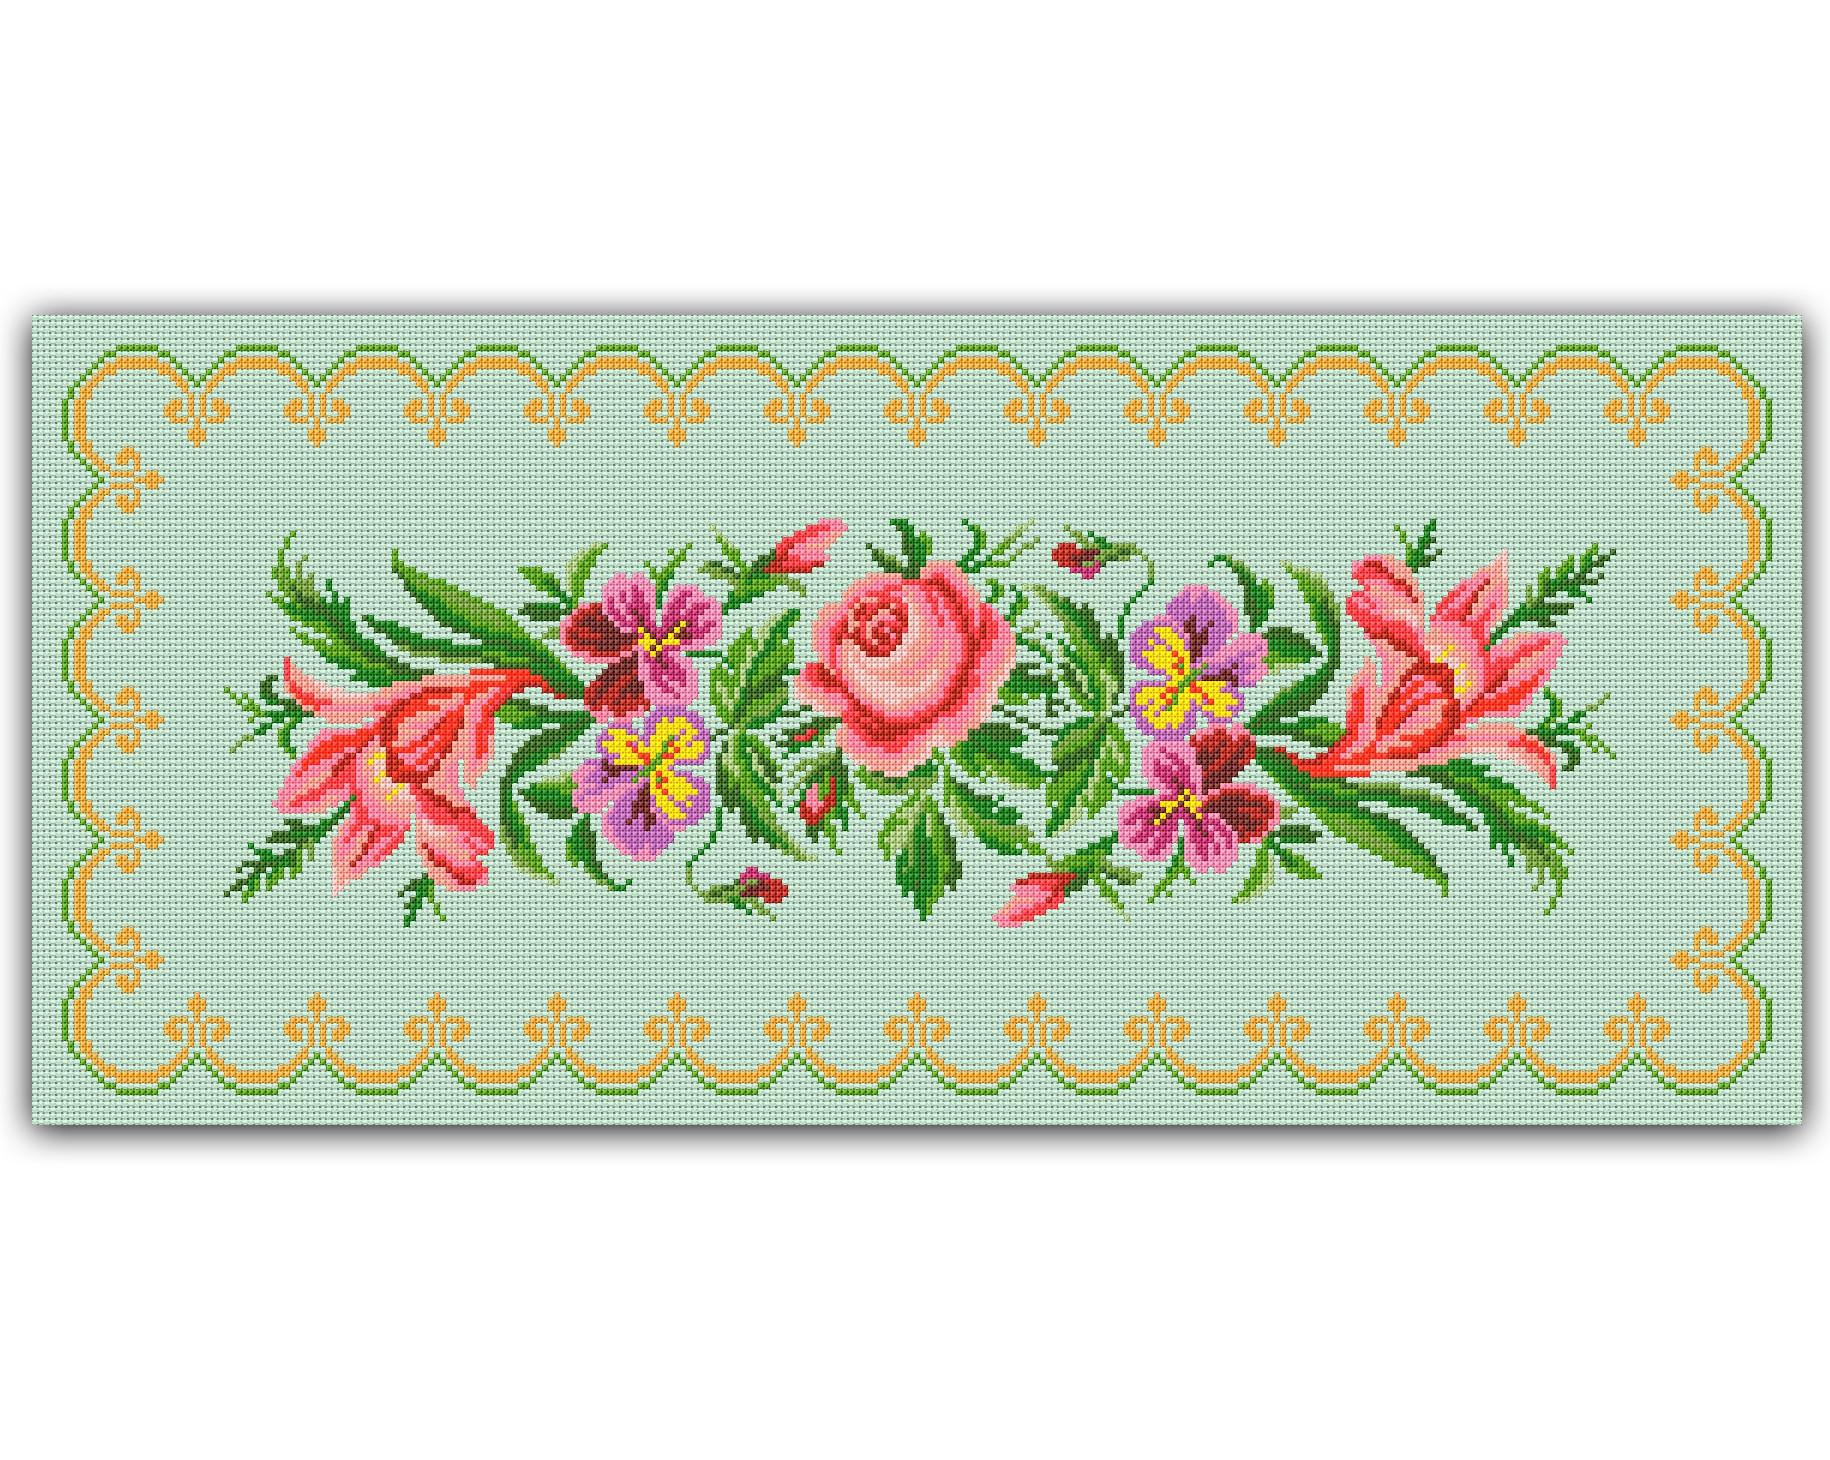 Toalha Floral Gráfico Ponto Cruz No Elo7 Thimage Gráficos De Ponto Cruz 868731